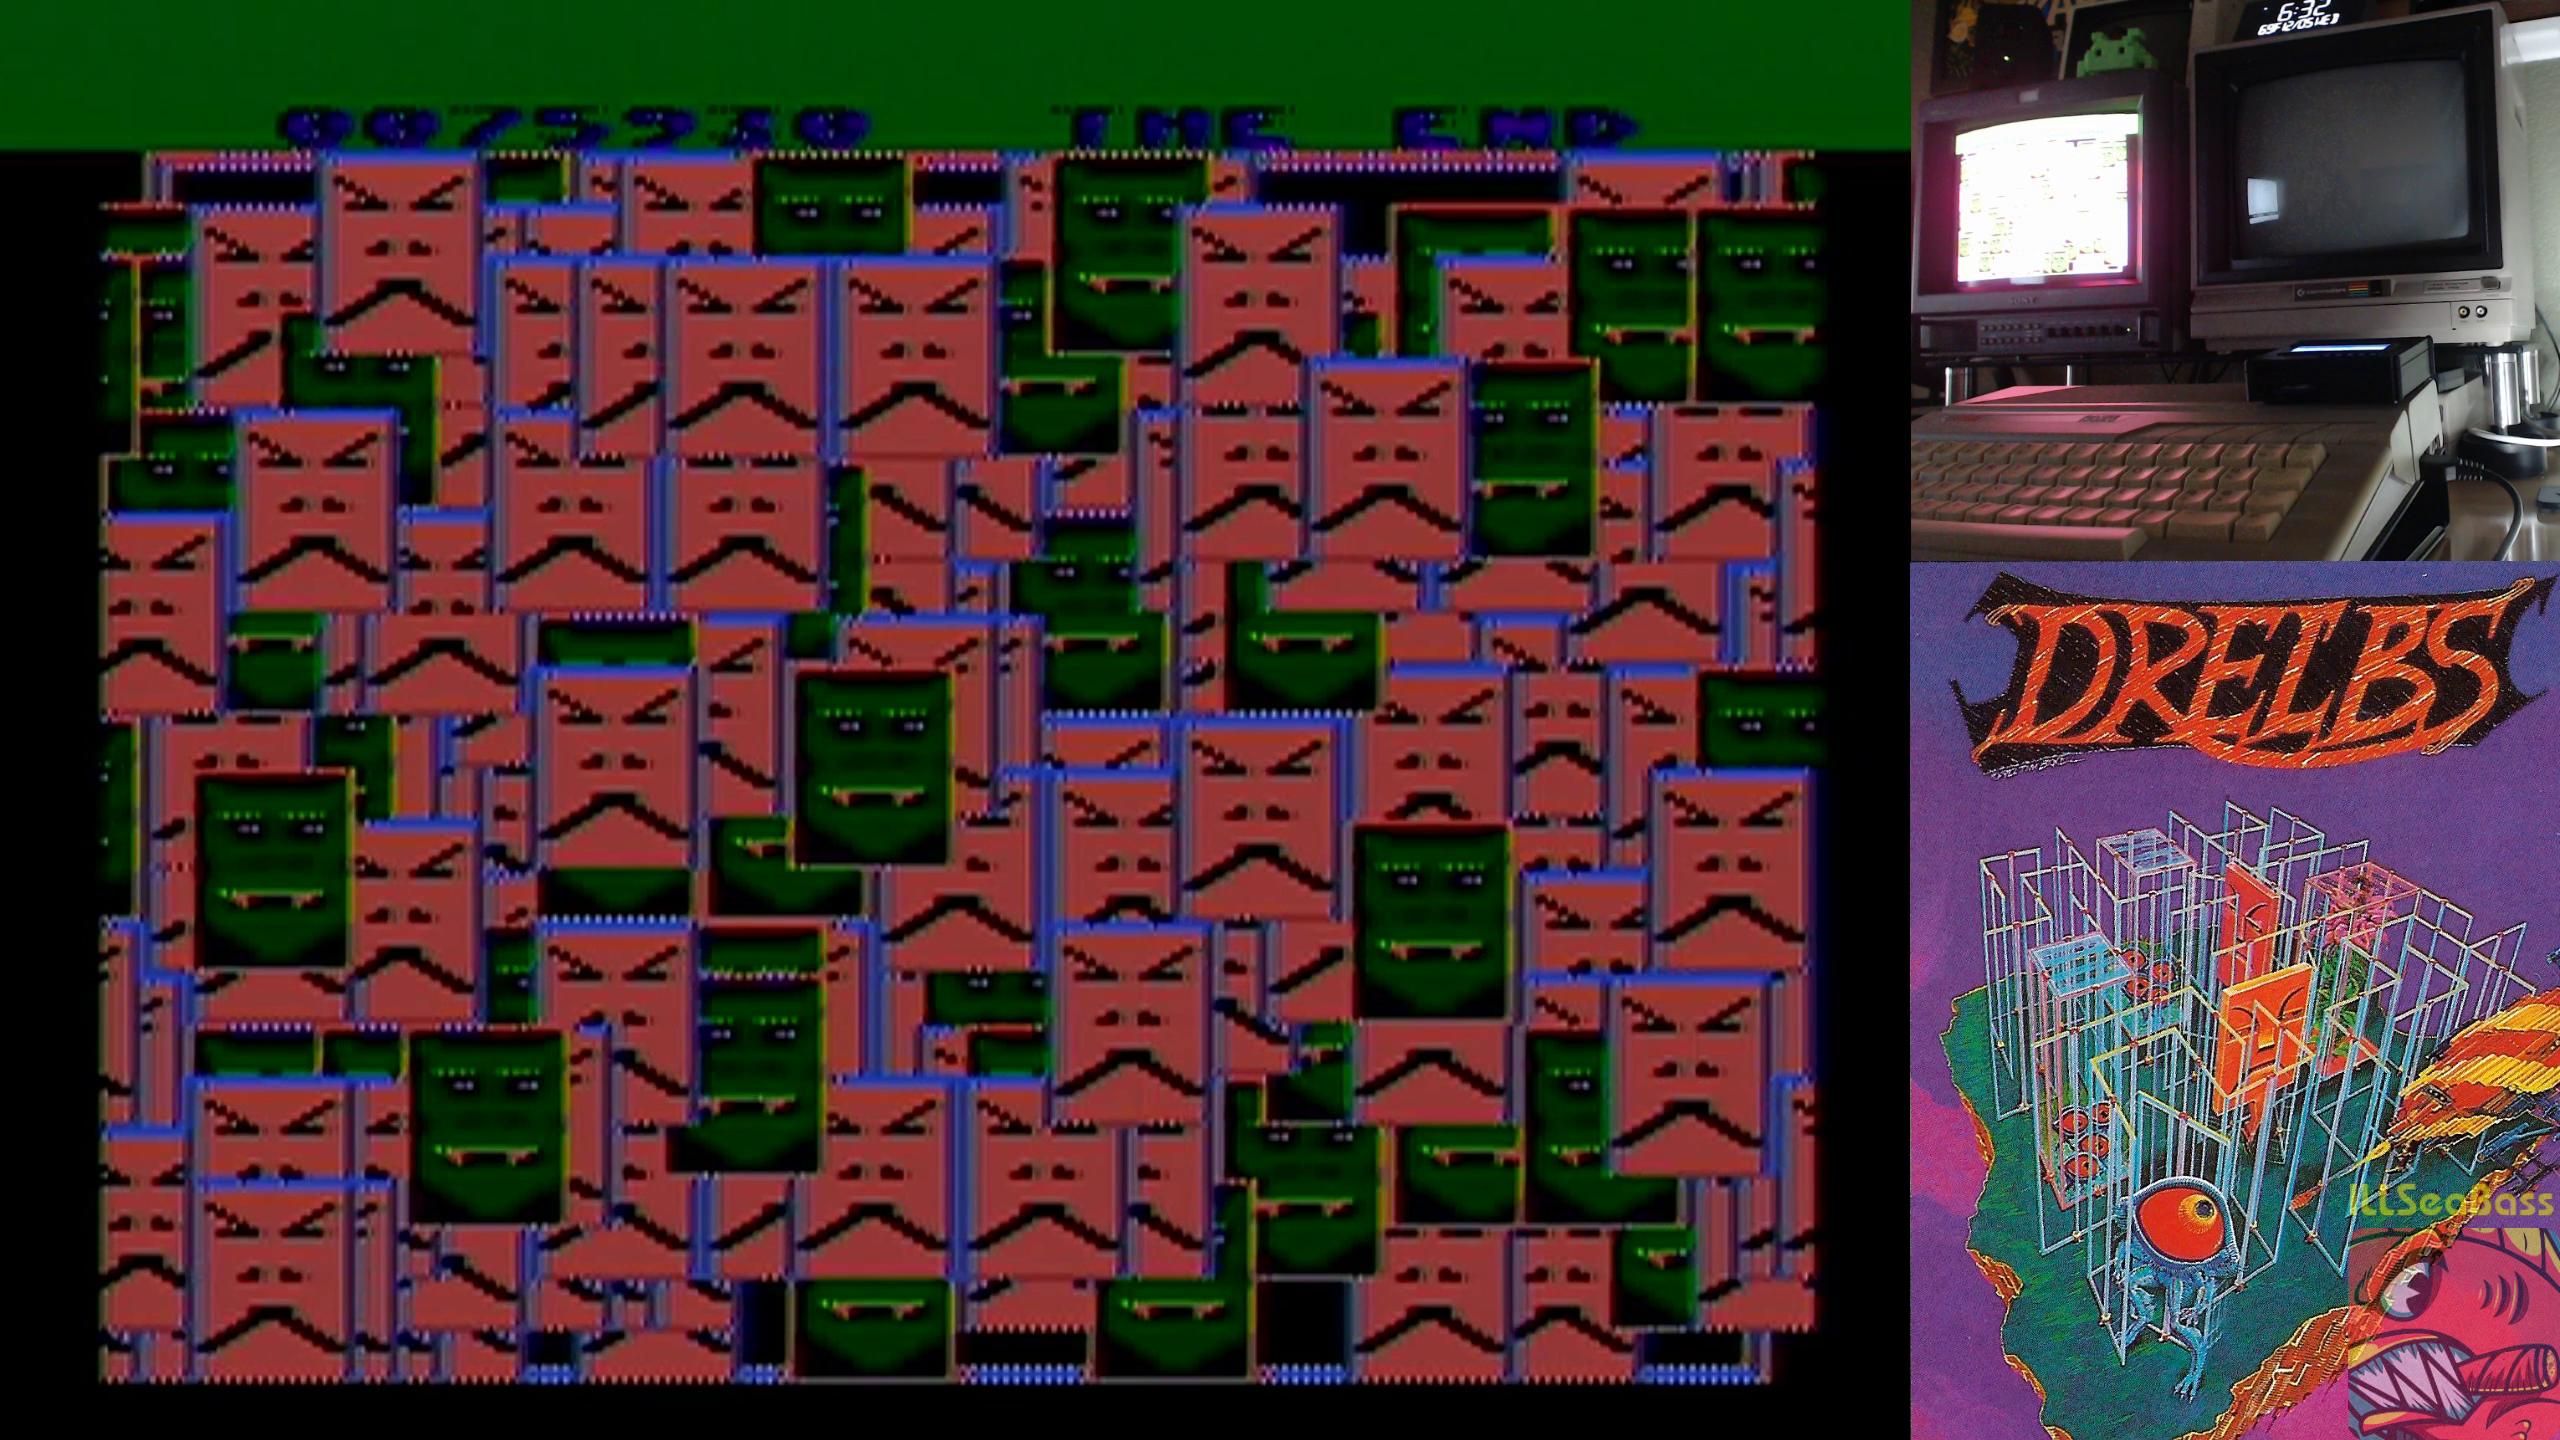 ILLSeaBass: Drelbs (Atari 400/800/XL/XE) 75,930 points on 2018-12-05 20:23:59